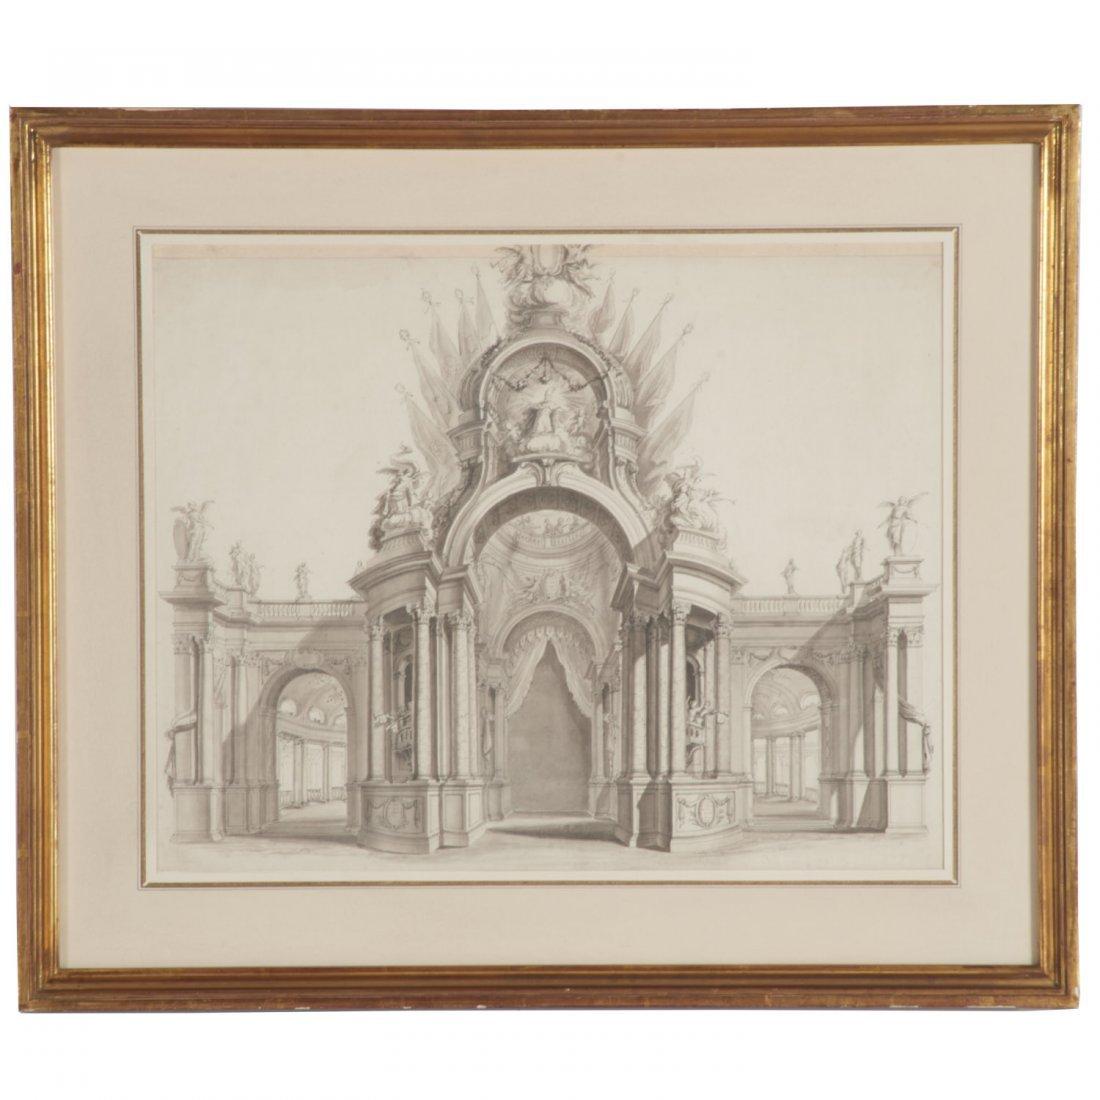 Vincenz Fischer, architectural rendering